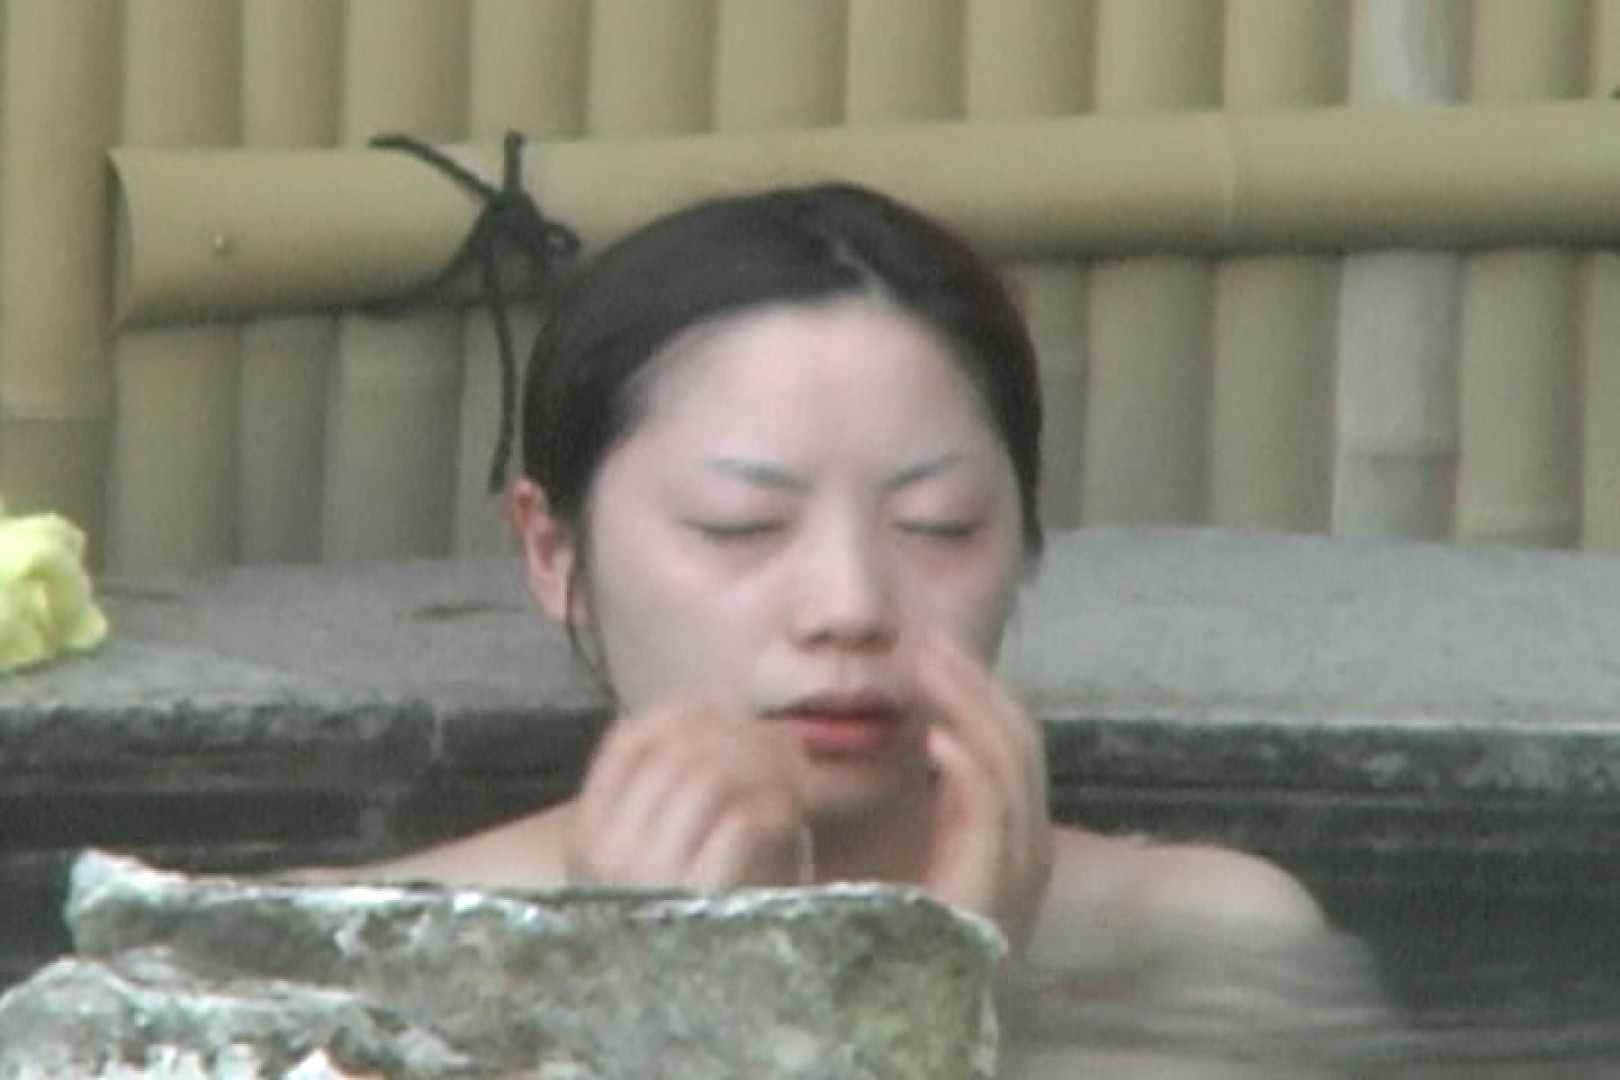 Aquaな露天風呂Vol.596 盗撮シリーズ  113PIX 104